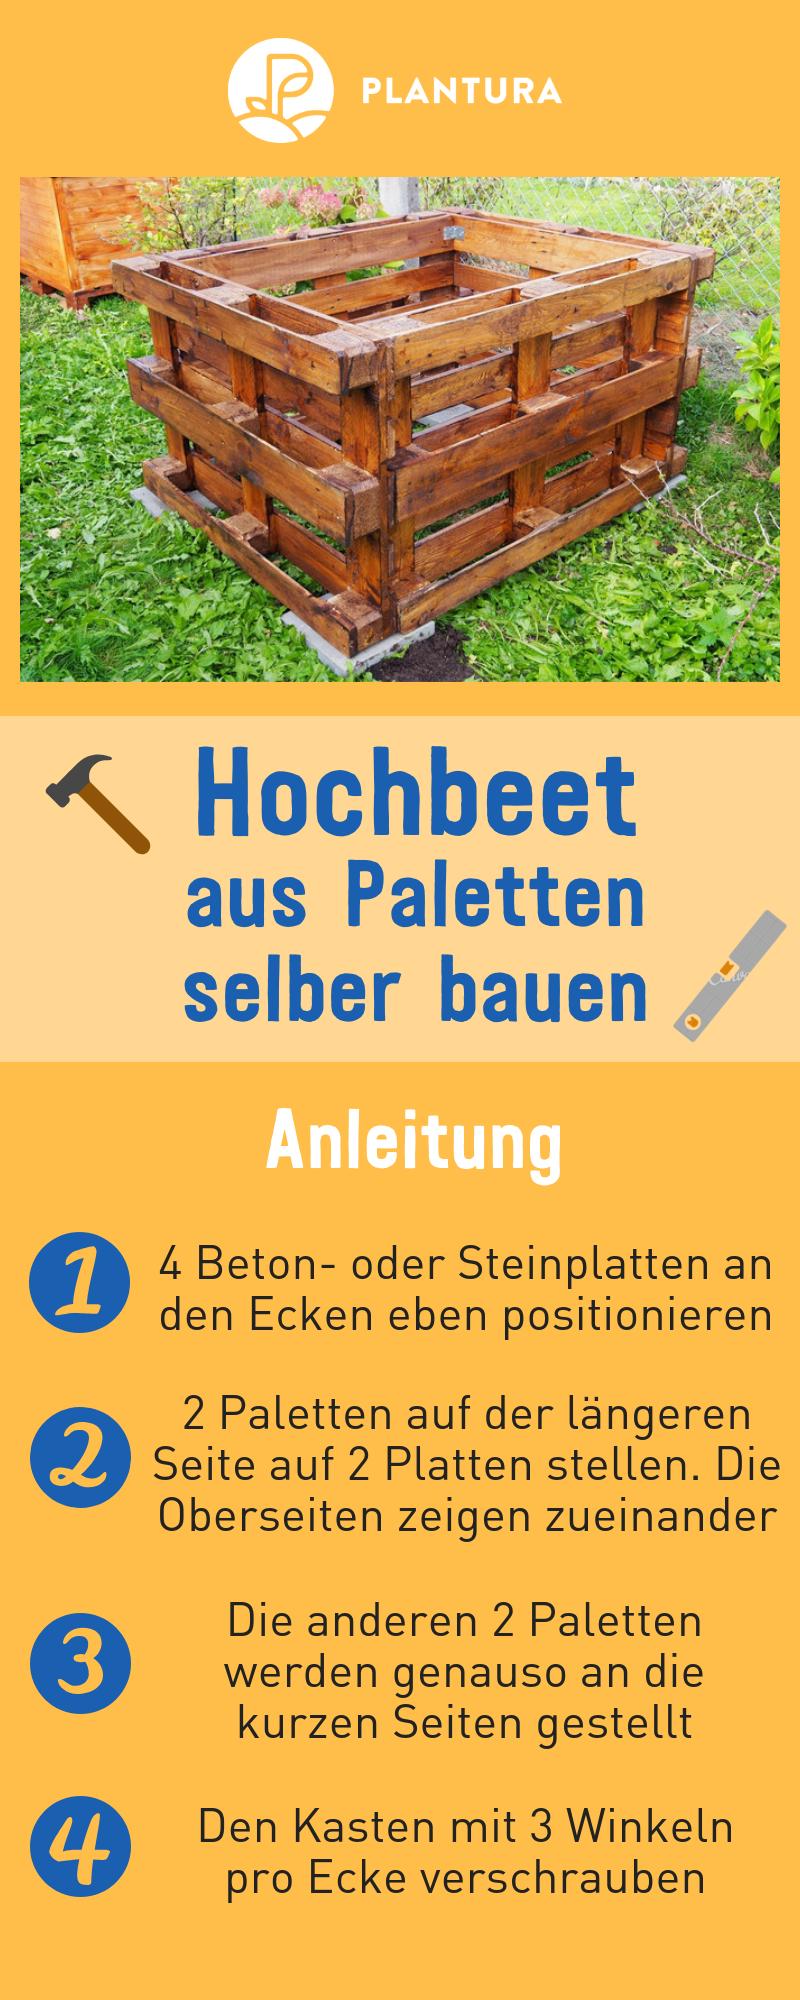 Hochbeet Bauen Anleitung Und Video Hochbeet Hochbeet Aus Paletten Hochbeet Bauen